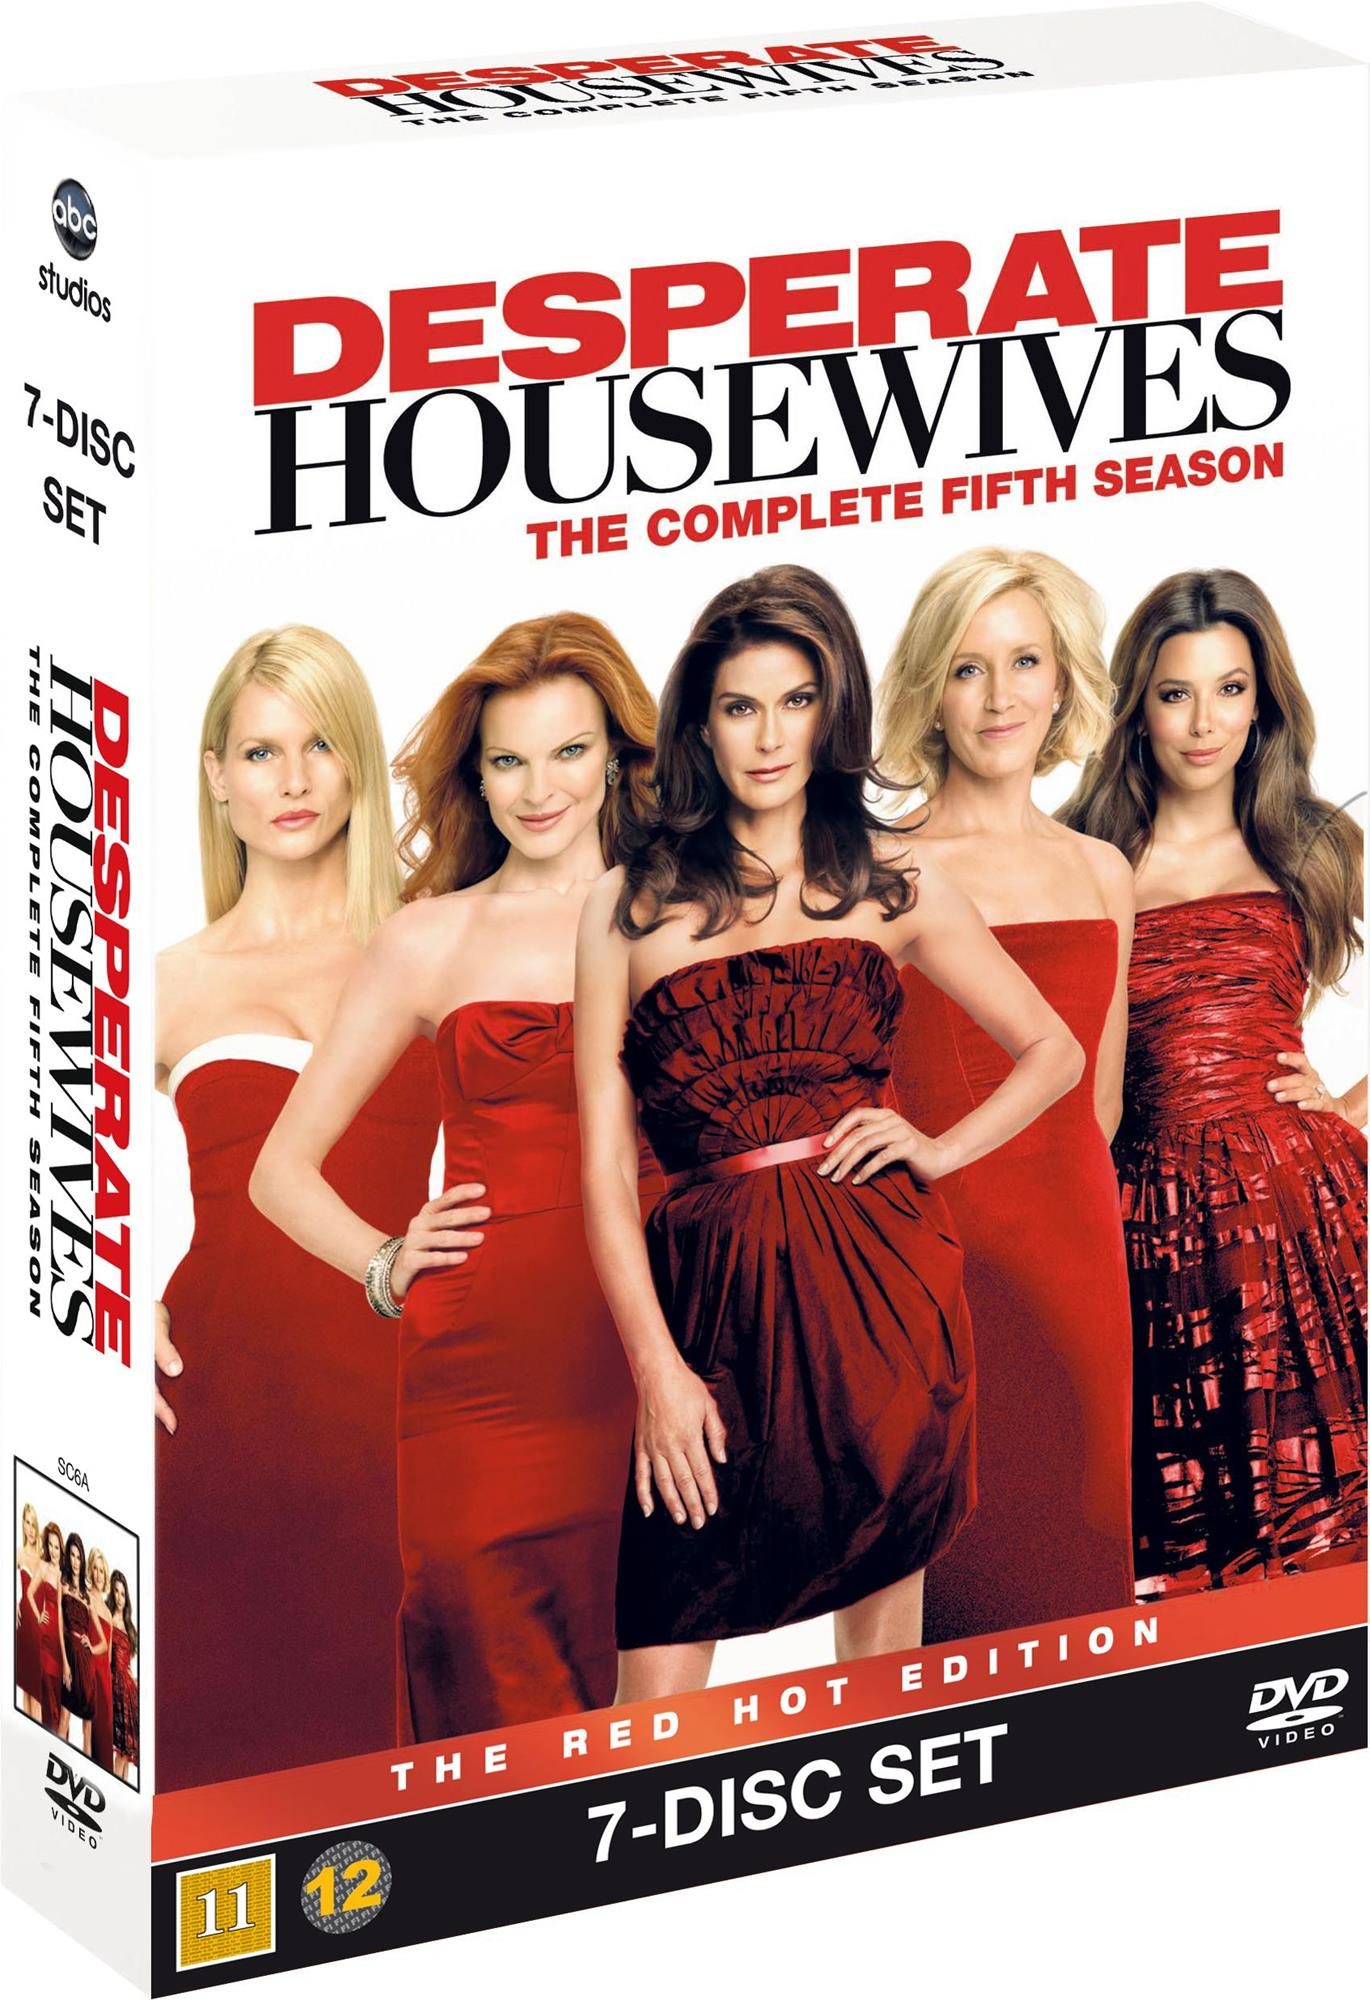 Täydelliset naiset (Desperate Housewives)  kausi 5 TV-sarja f5d6477557